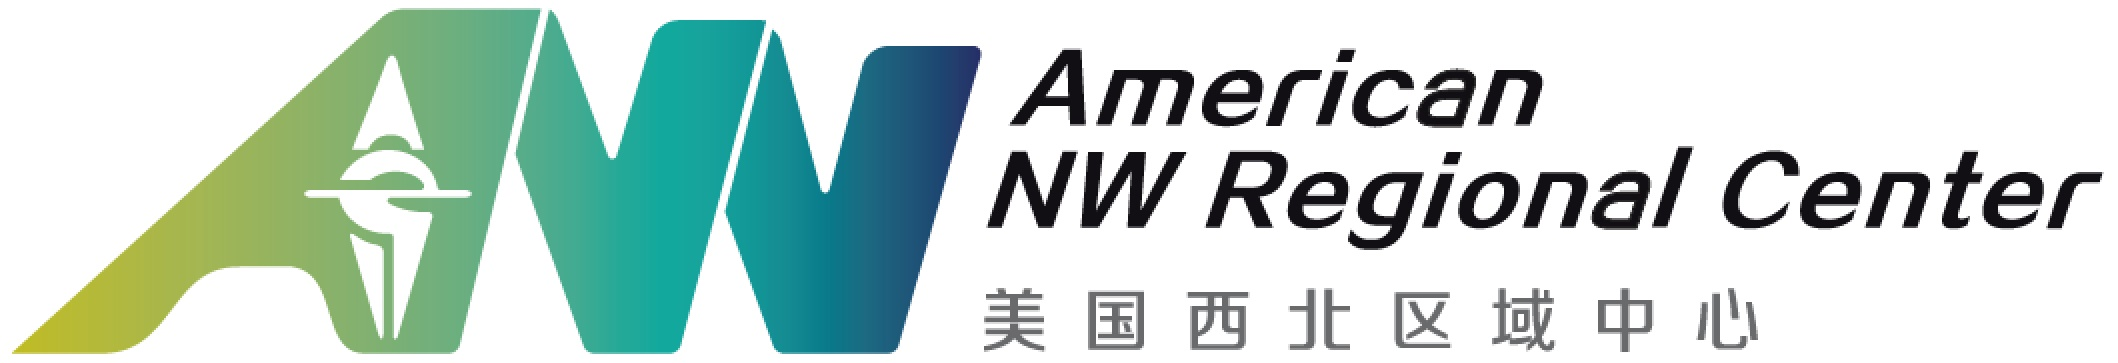 ANW logo extra large.jpg